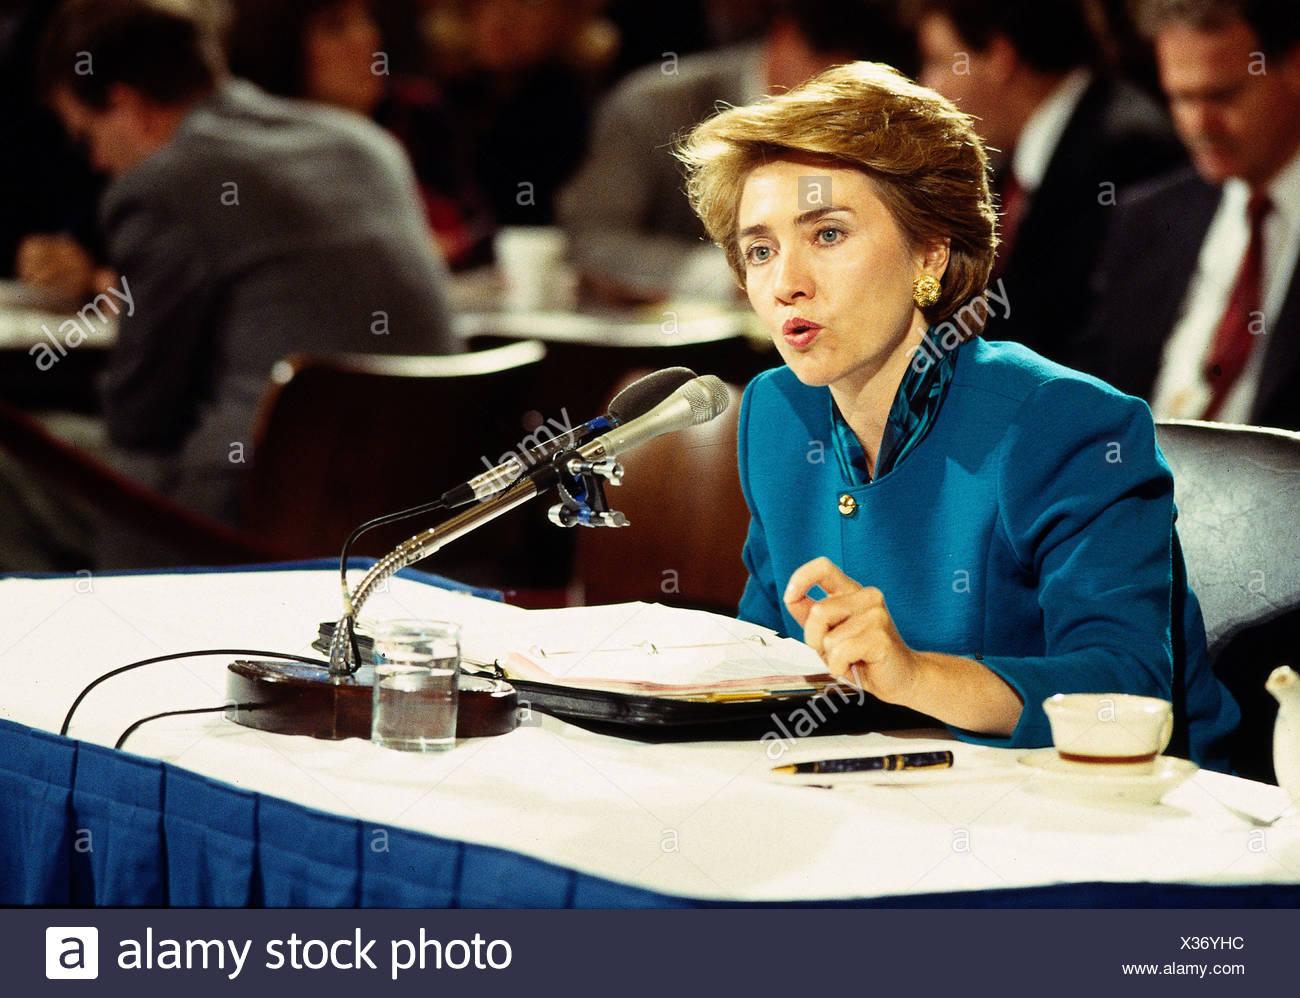 Clinton, Hillary, * 26.10.1947, US-amerikanischer Politiker (Demokraten), First Lady 1993-2001, Porträt, während einer Konferenz, Anfang der 1990er Jahre, U Stockbild